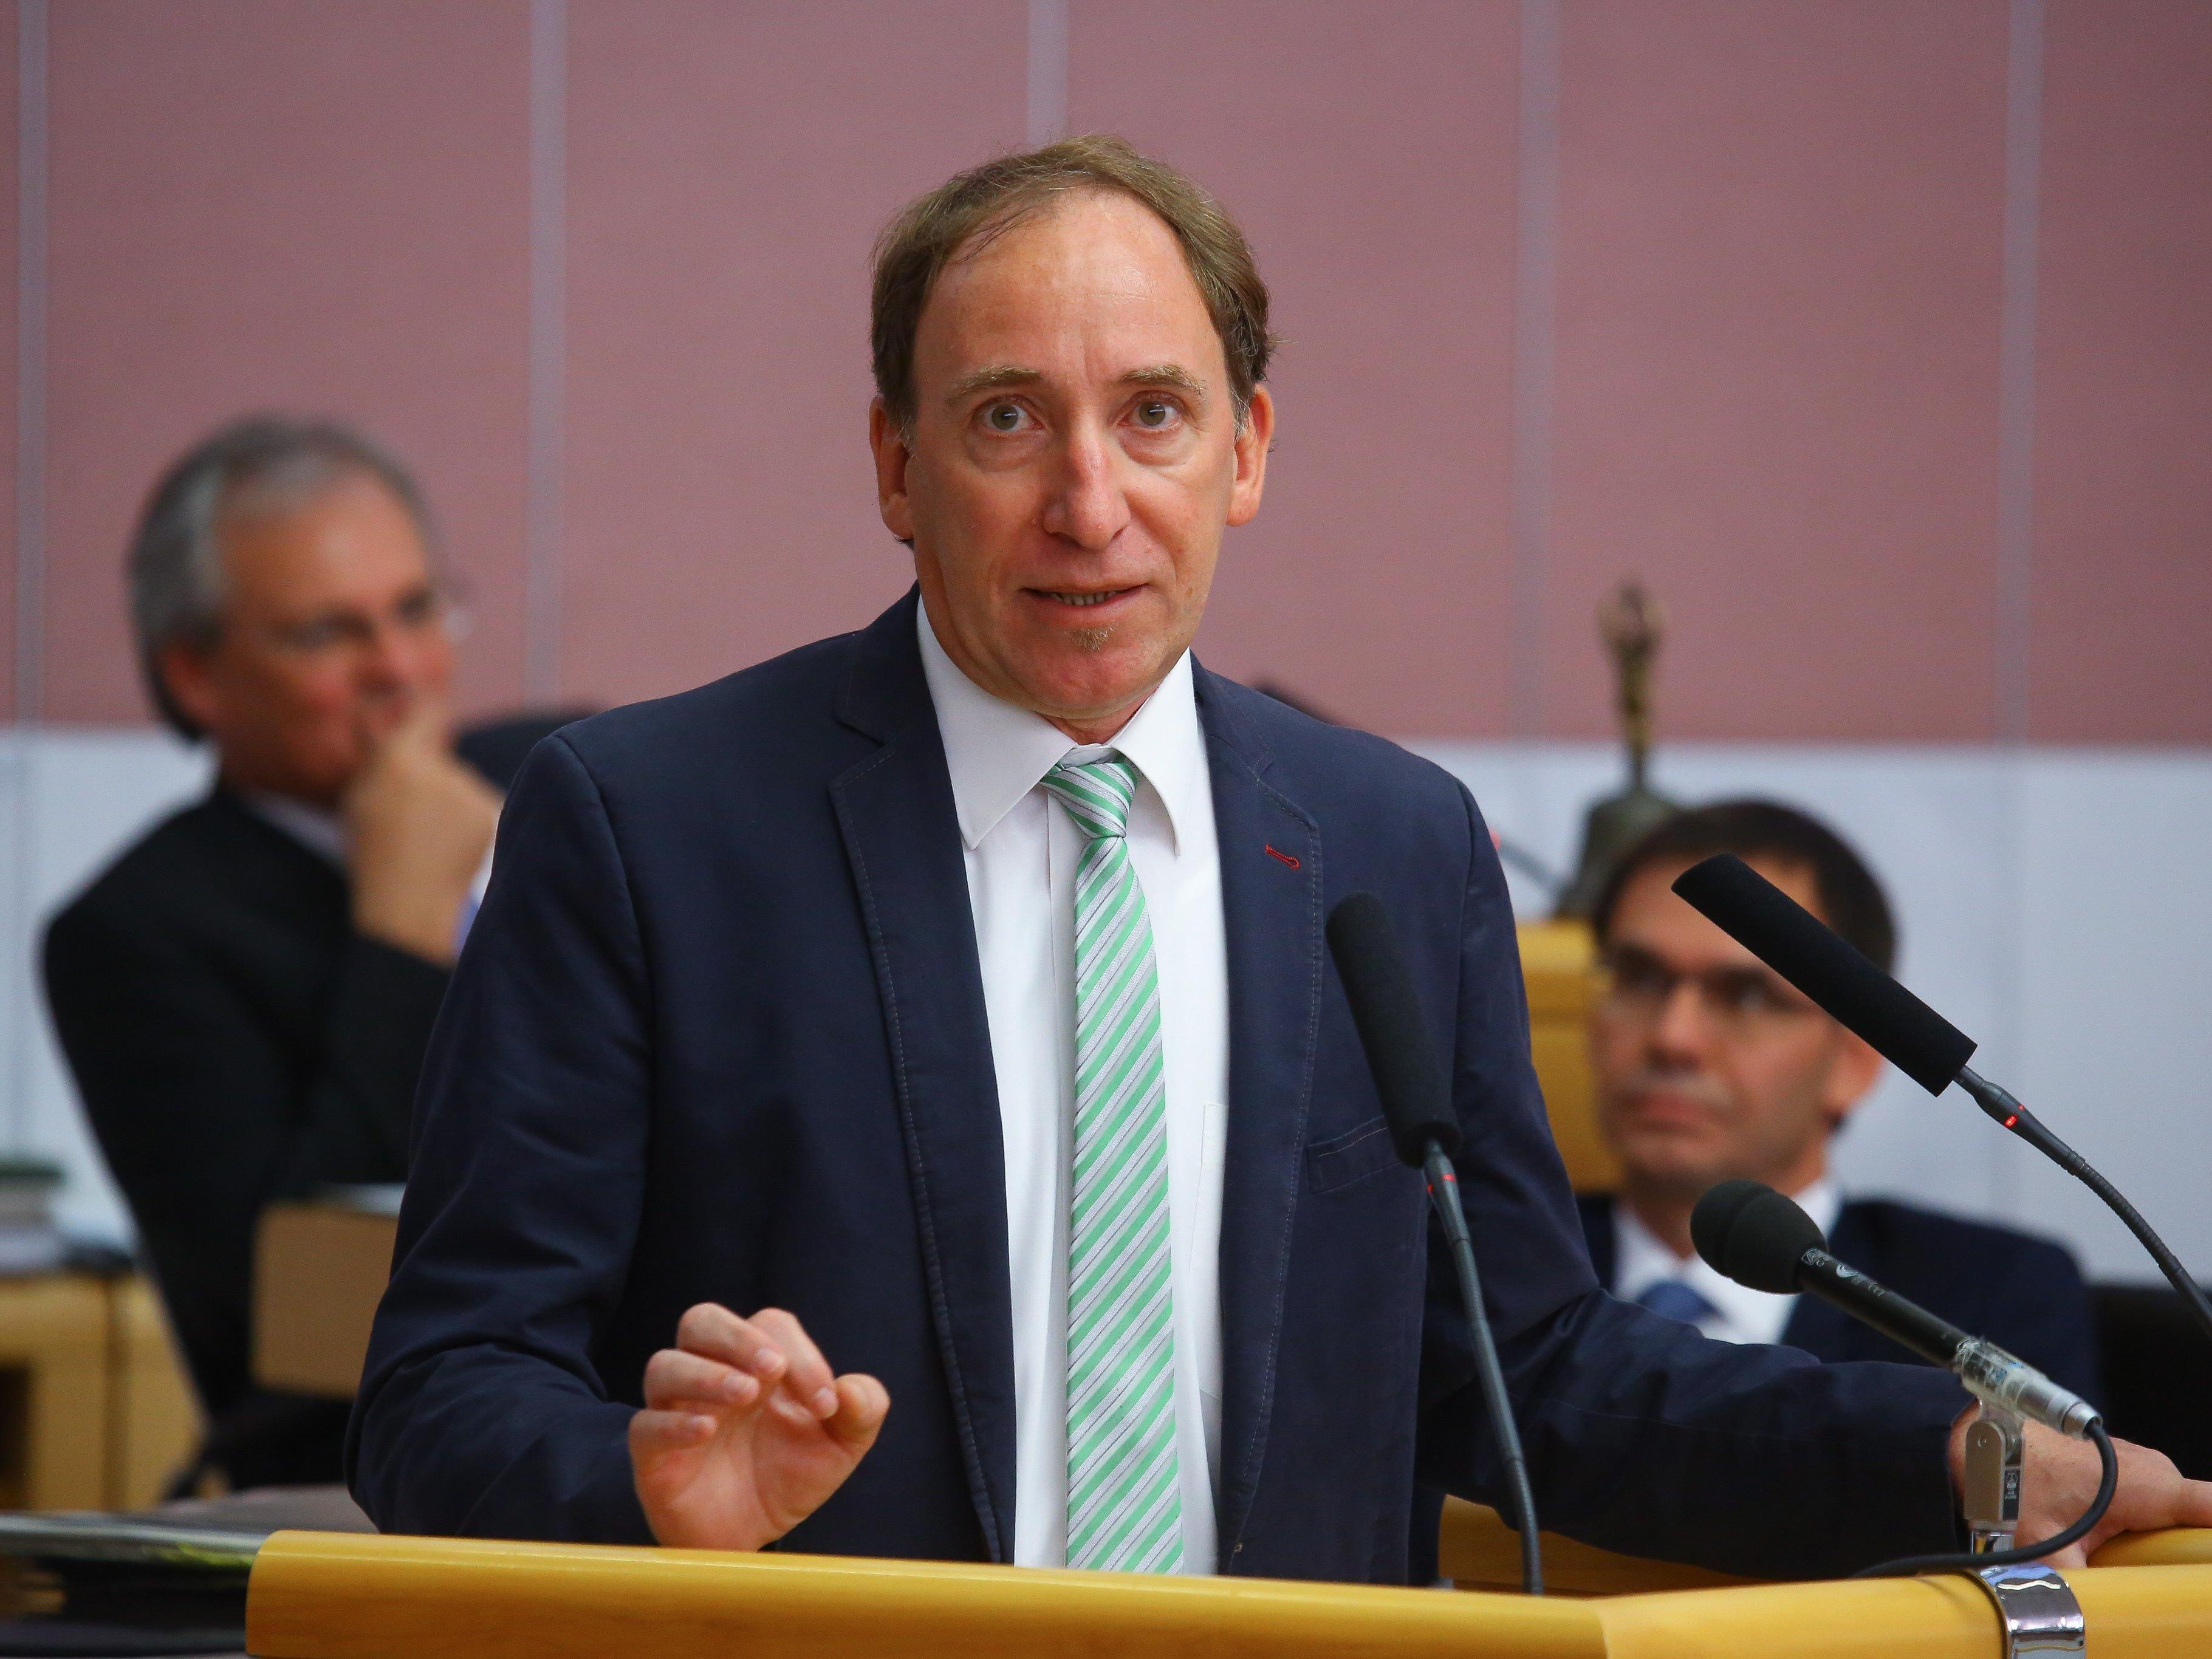 Vorarlbergs Umweltlandesrat Johannes Rauch hat den Widerstand gegen das Paket von Umweltminister Rupprechter initiiert.